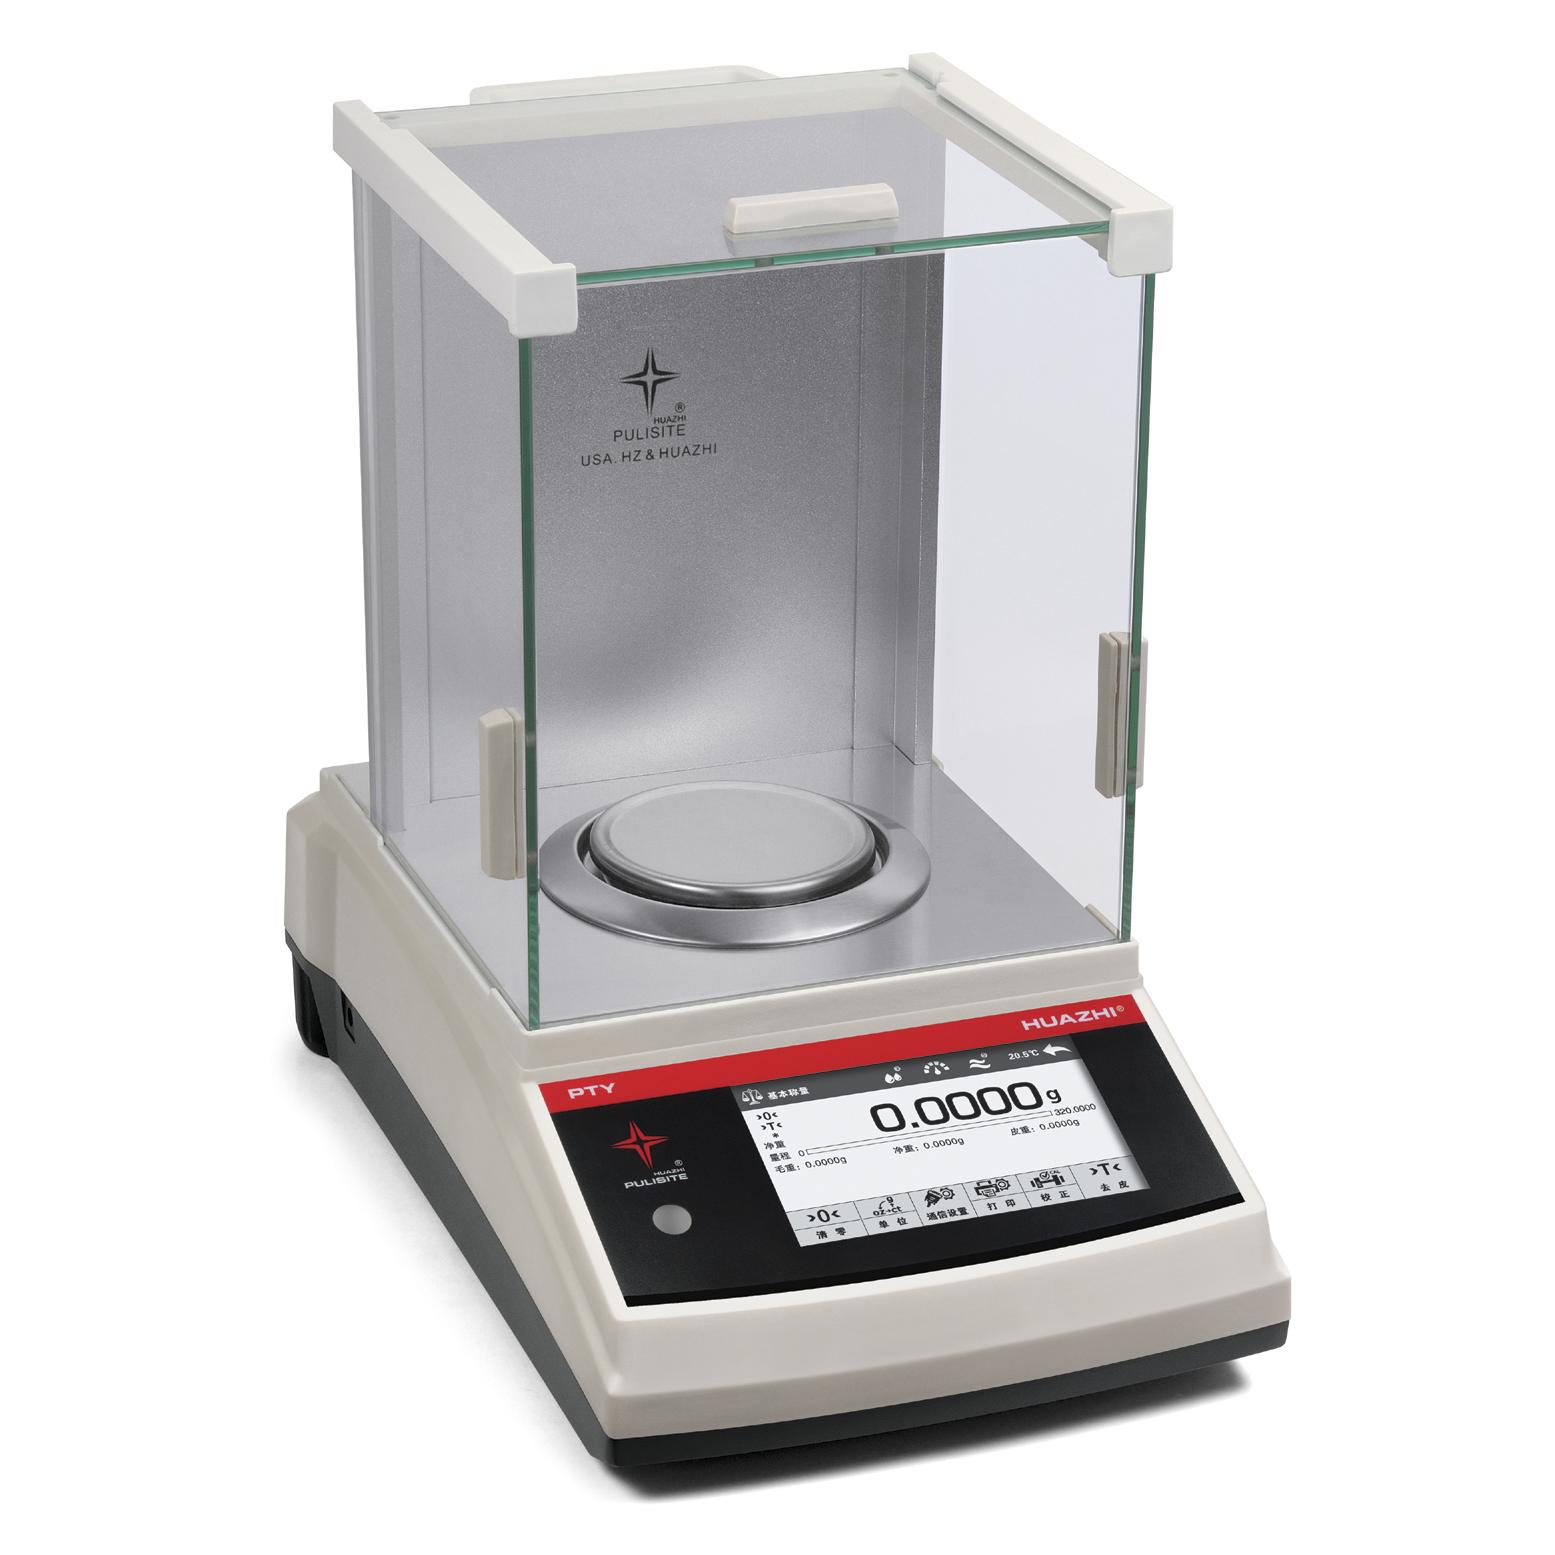 华志 PTY先进型分析天平0.1mg(万分之一克)最大秤量  120g~500g实验级(1)